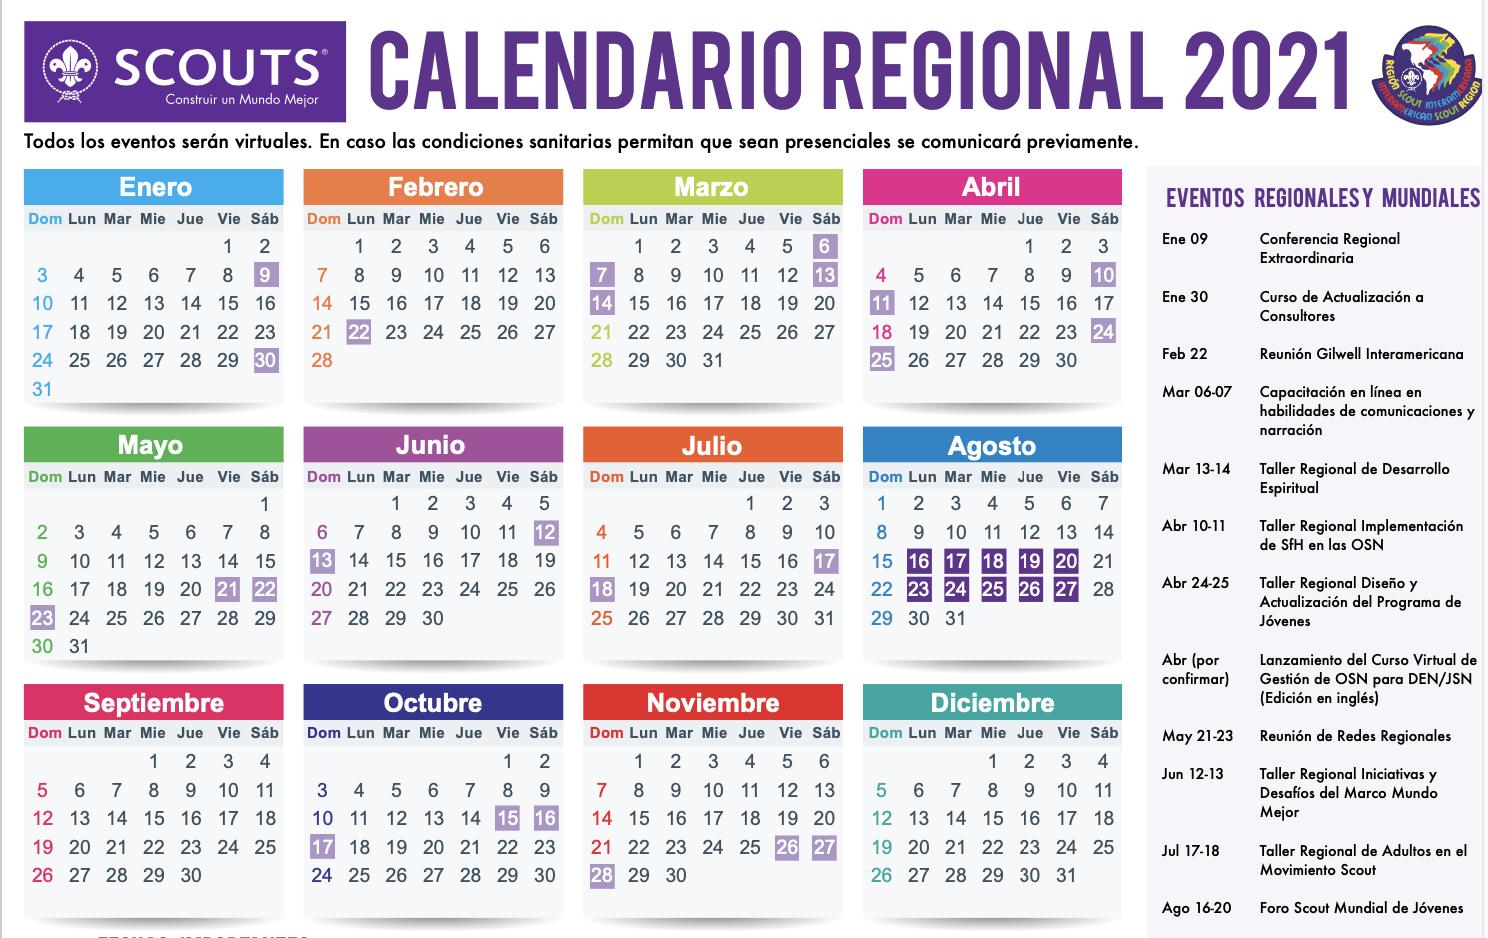 Interamerica Calendar 2021 Calendario Para Interamérica